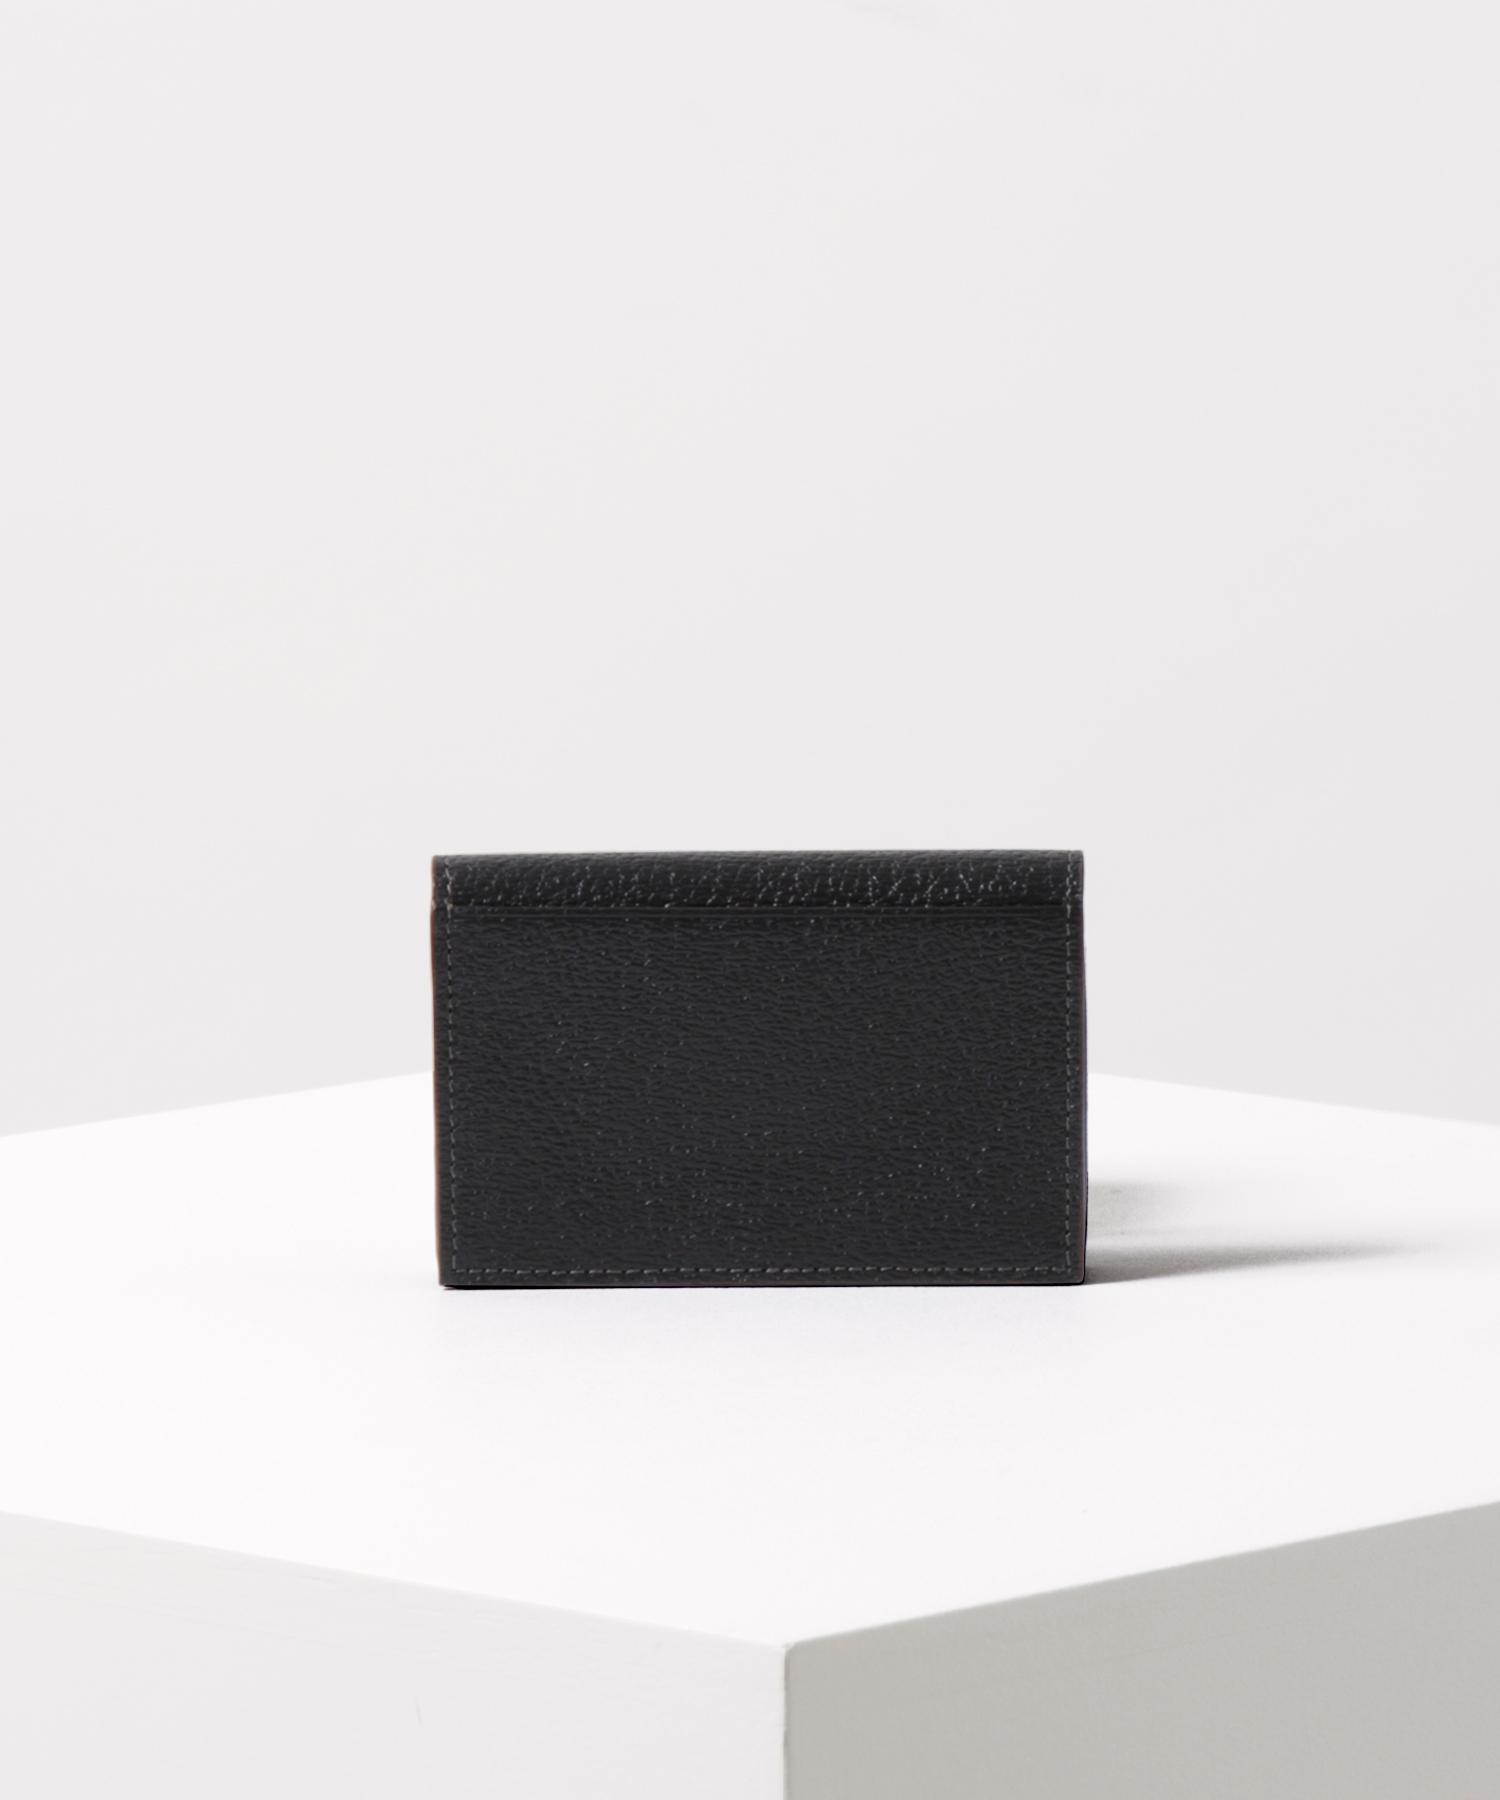 EXECUTIVE カードケース